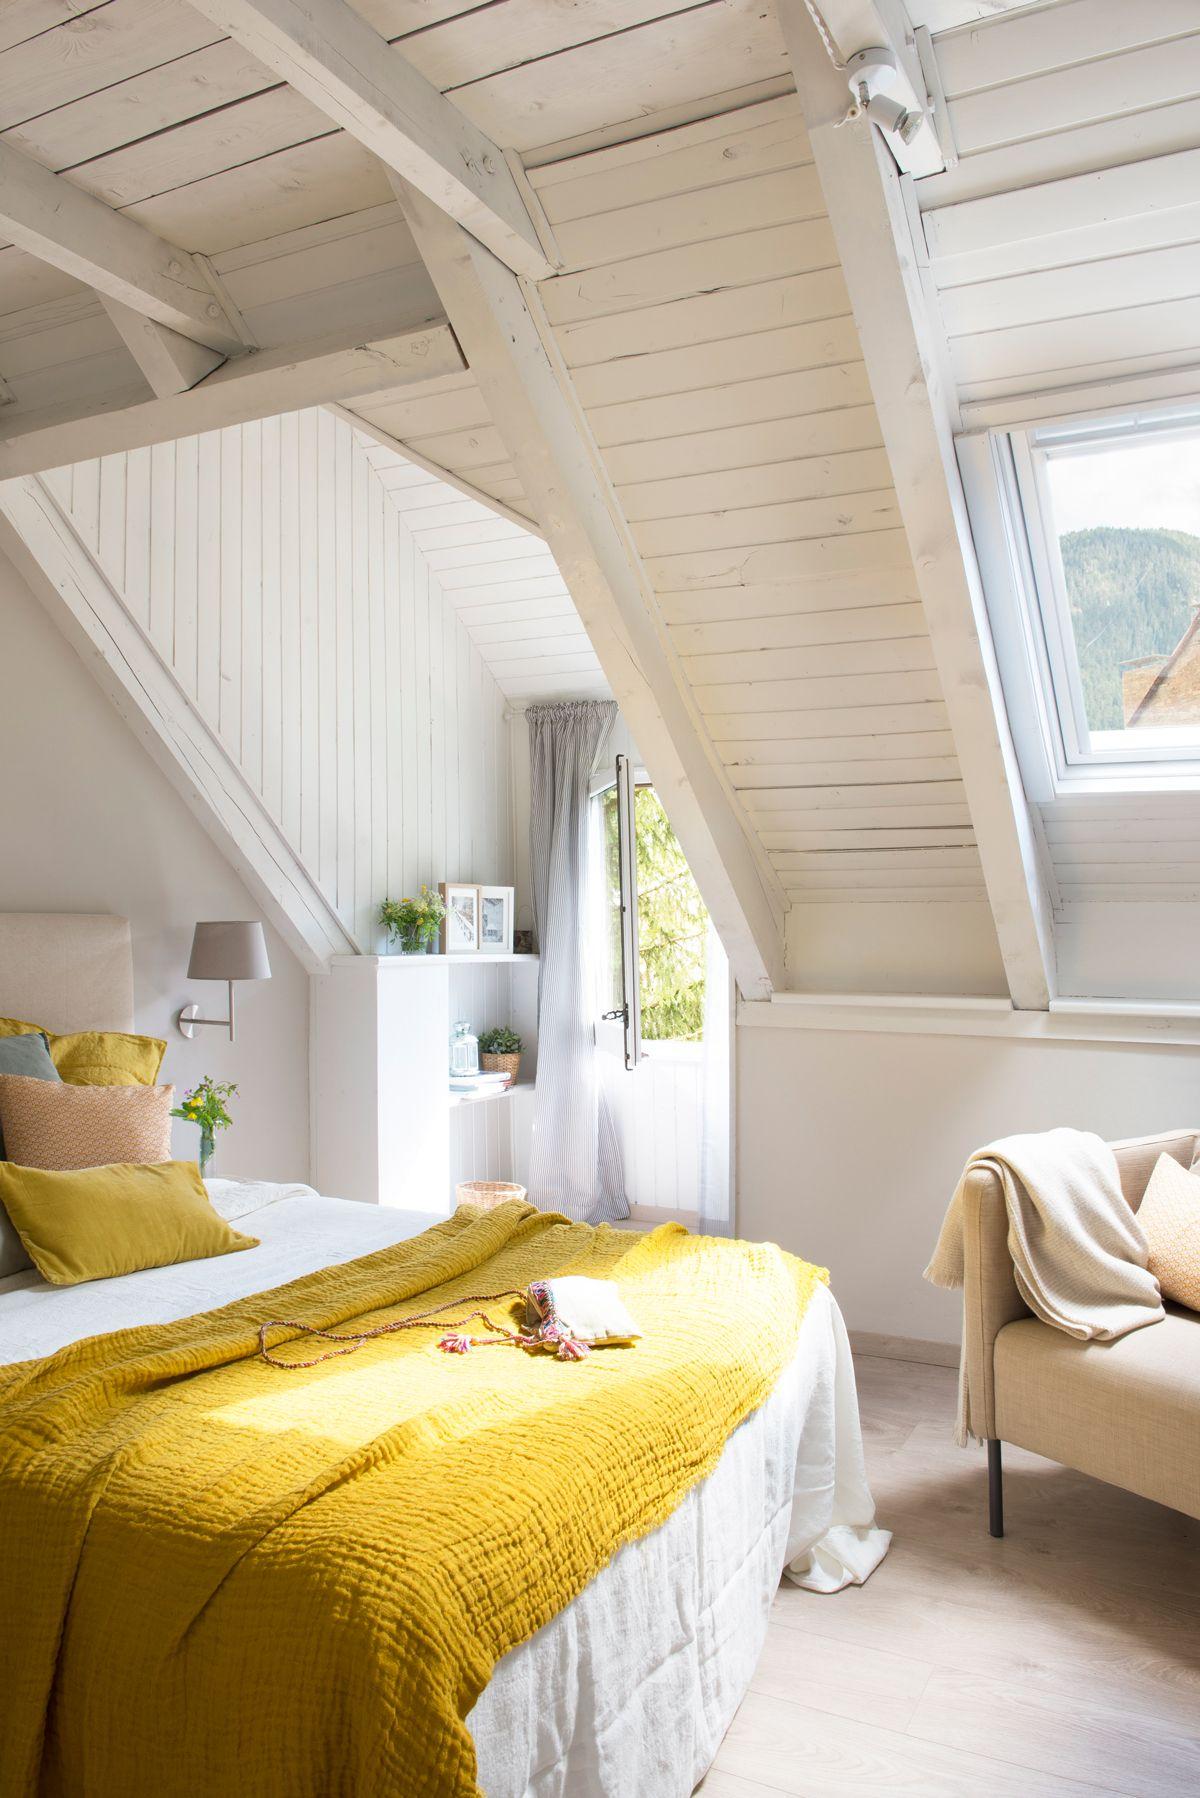 Dormitorio rústico de madera blanca con ropa de cama amarilla ...